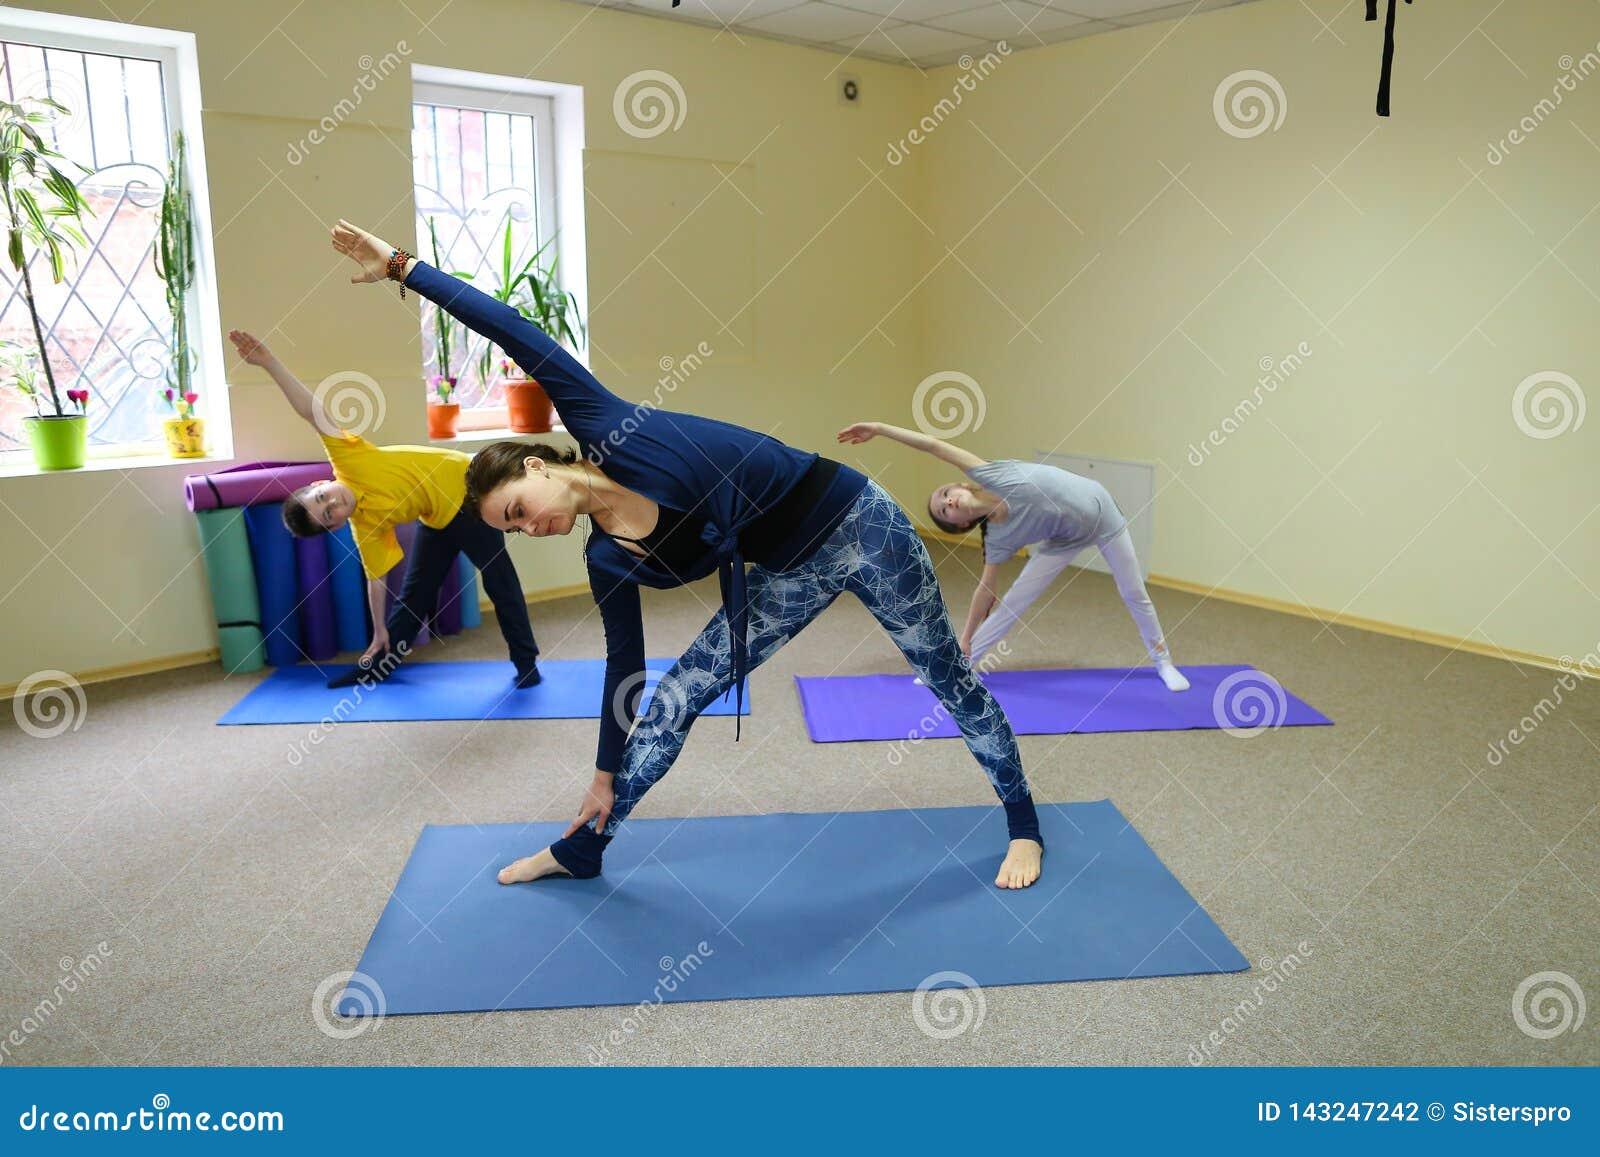 Het meisje zit op streng en de trainer helpt kind